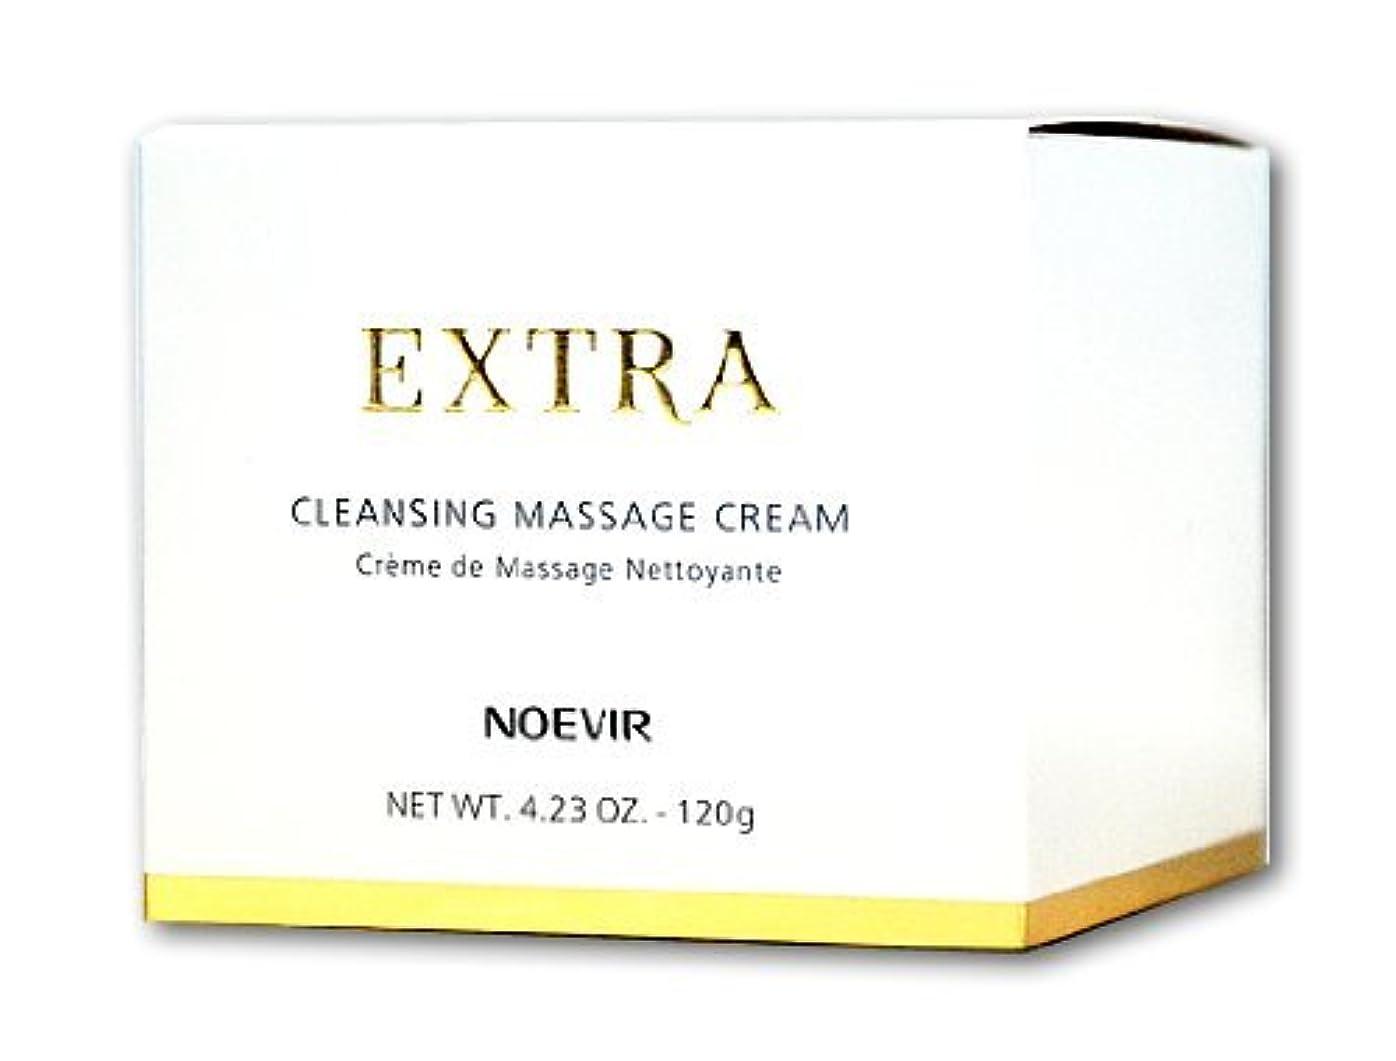 比較的思いつく綺麗なノエビア エクストラ 薬用クレンジングマッサージクリーム<医薬部外品>(120g)